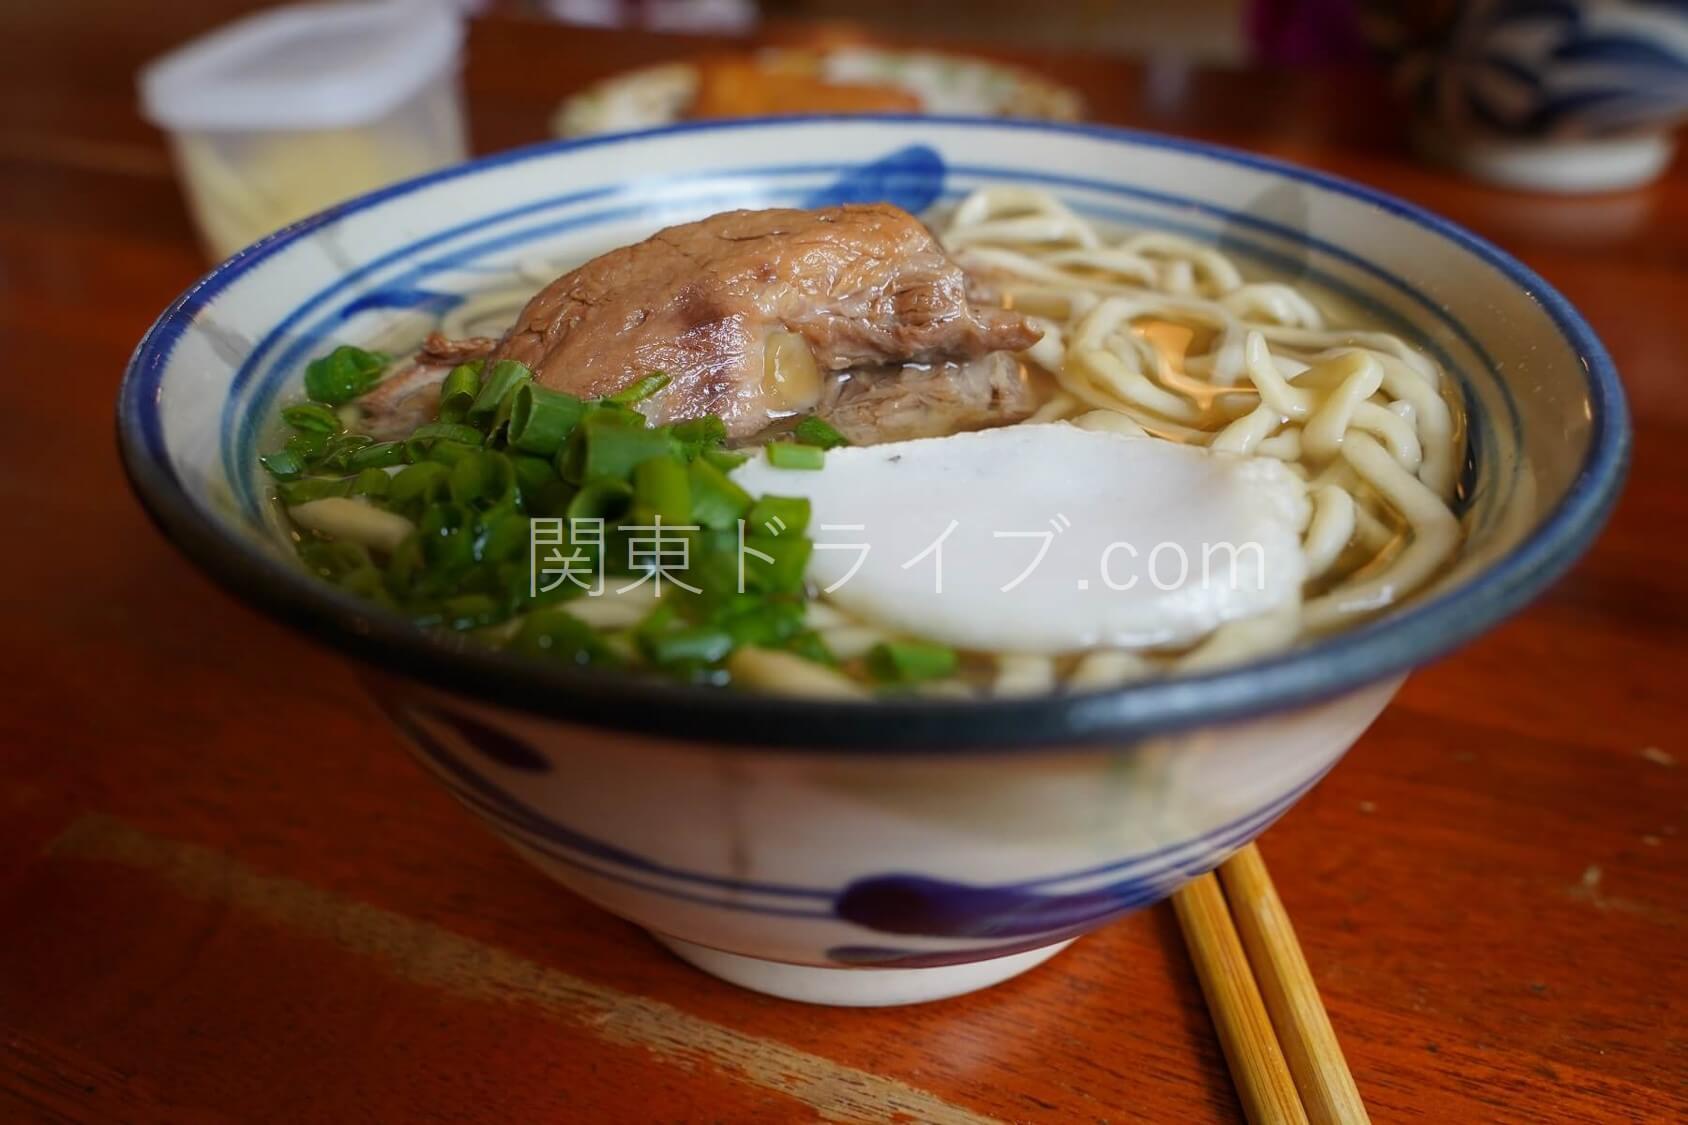 沖縄そば「たから家」の料理1